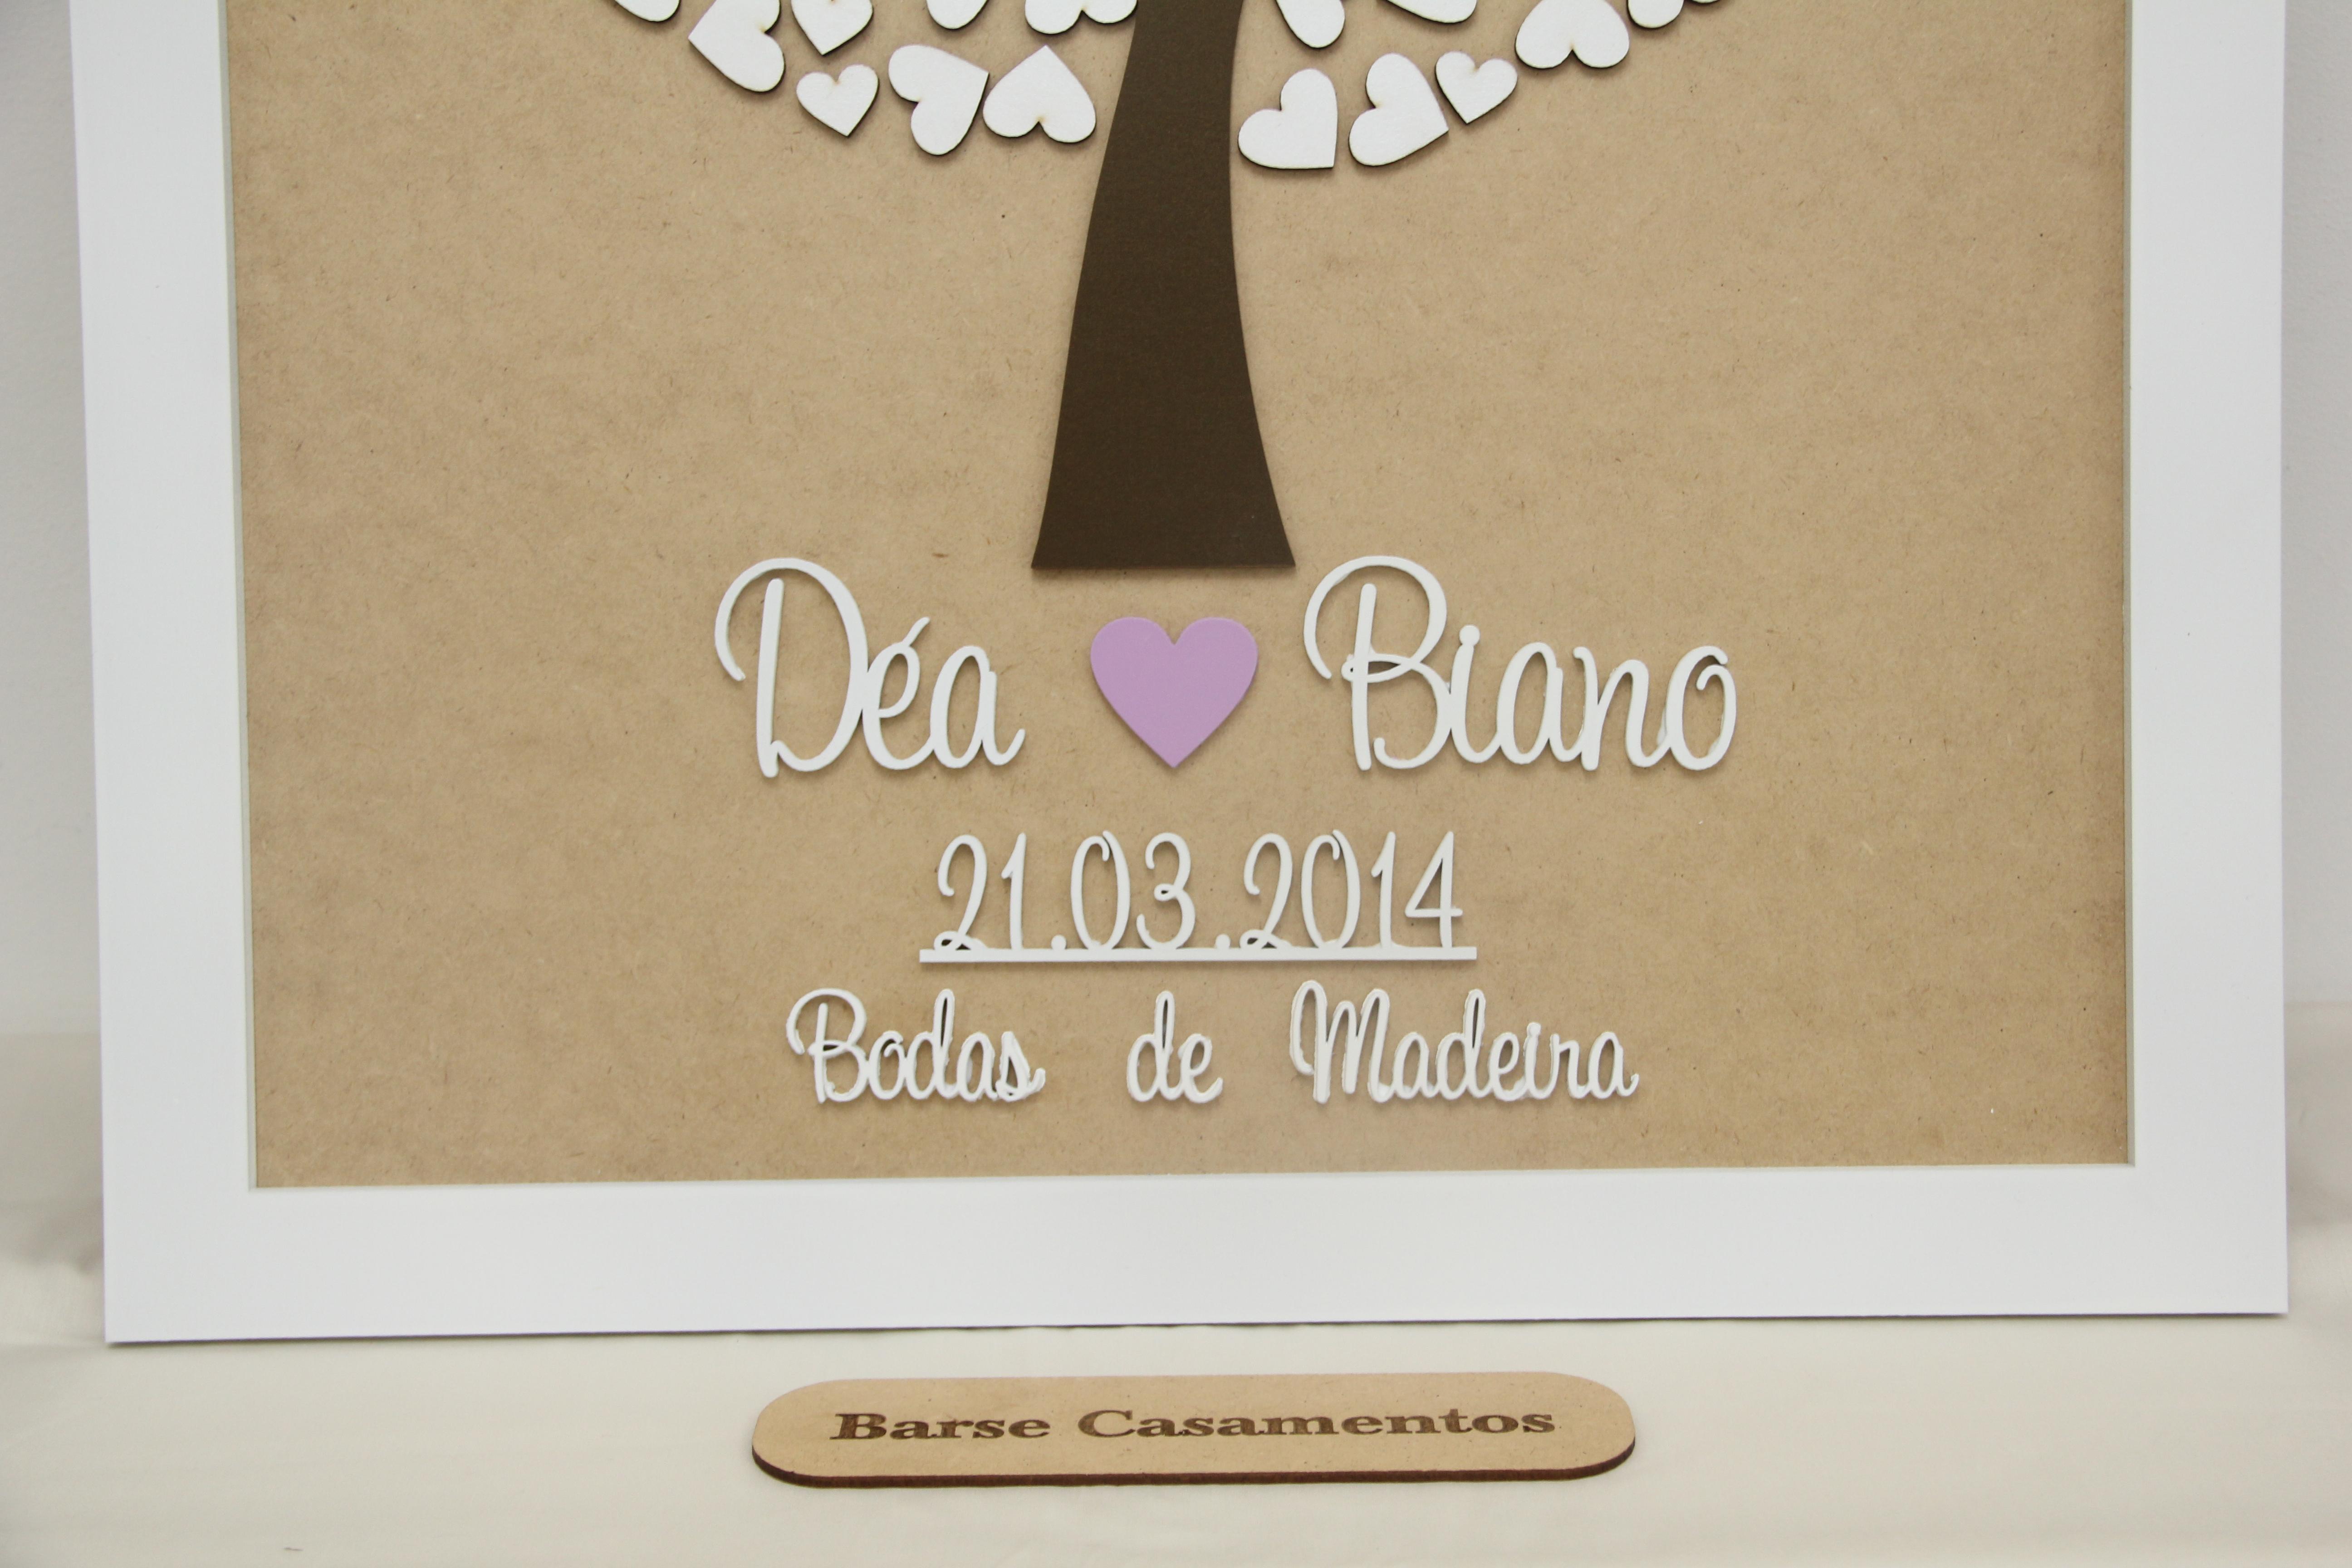 #413220 bodas de madeira bodas de madeira bodas de madeira aniversario 5184x3456 px buffet para bodas de madeira @ bernauer.info Móveis Antigos Novos E Usados Online